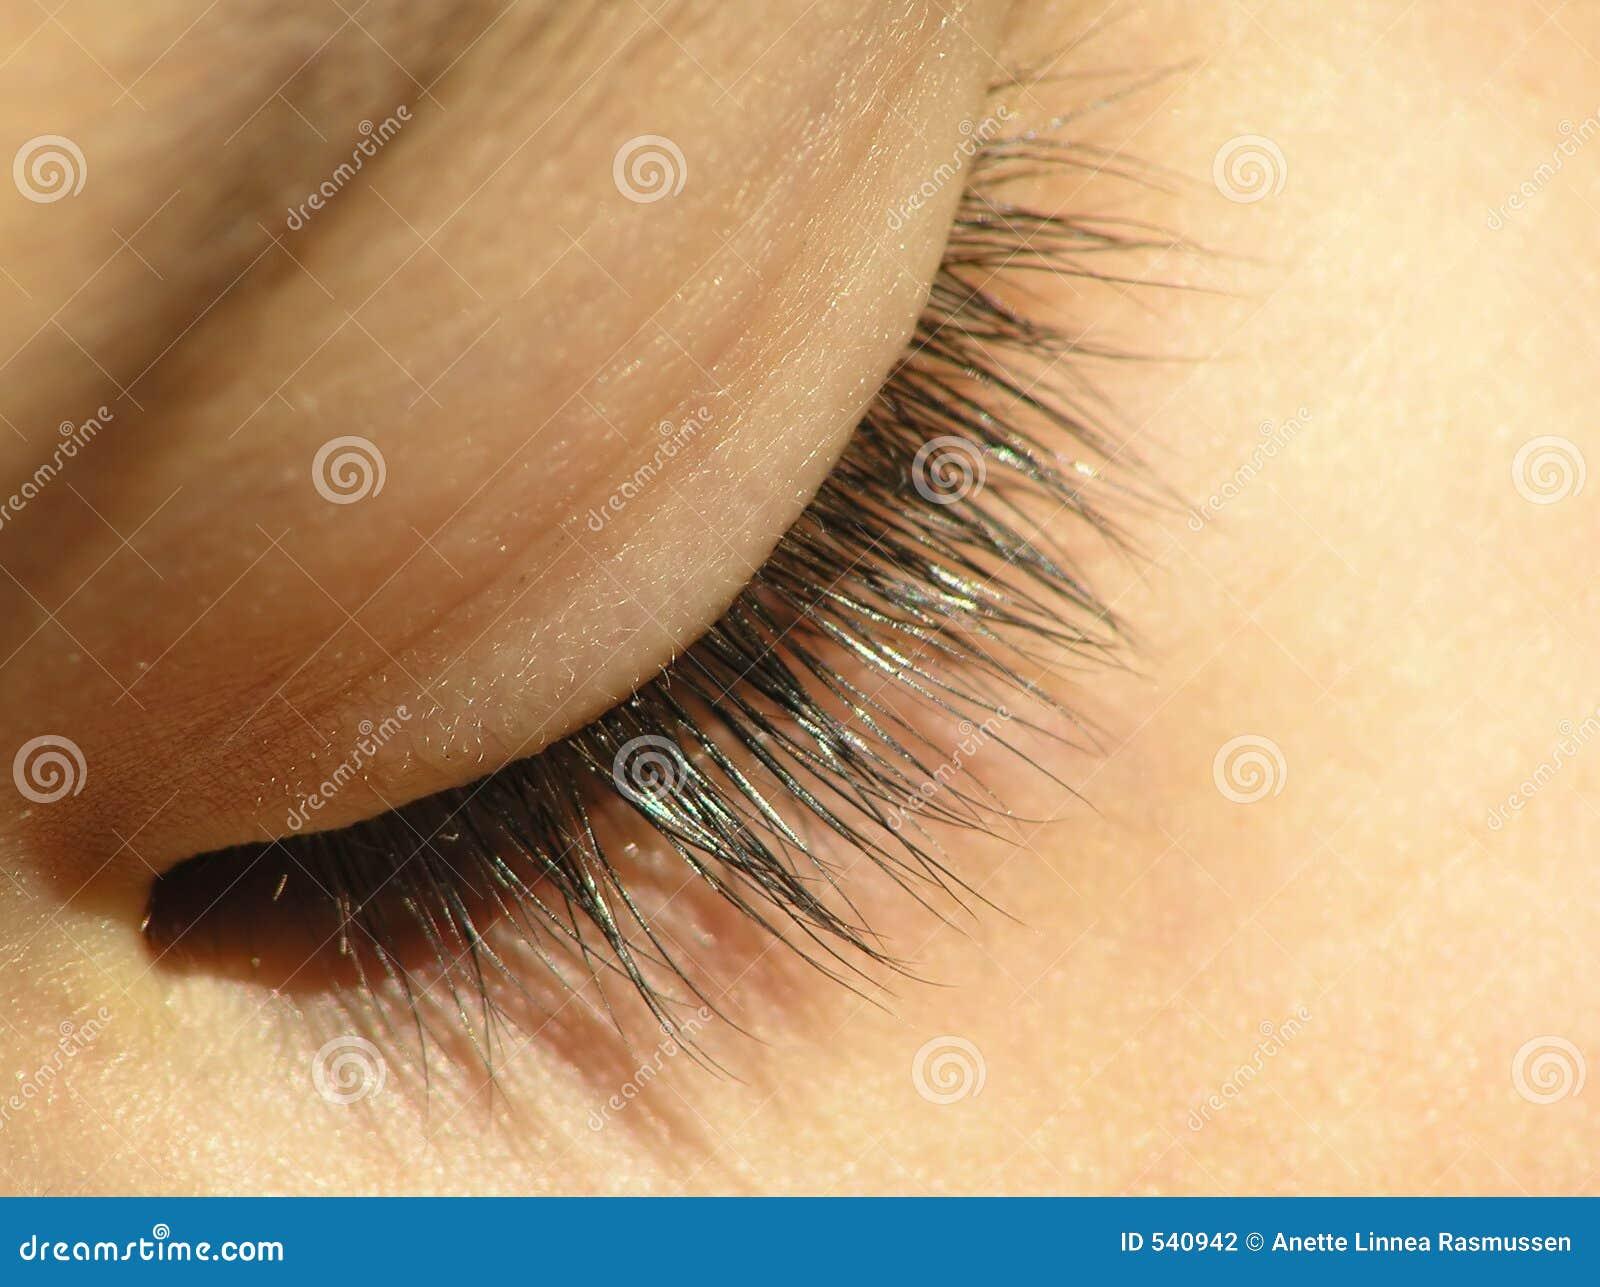 Download 闭合的眼睛 库存照片. 图片 包括有 题头, 表面, 和平, 眼皮, 热病, 闭合, 详细资料, 人力, 婴孩 - 540942